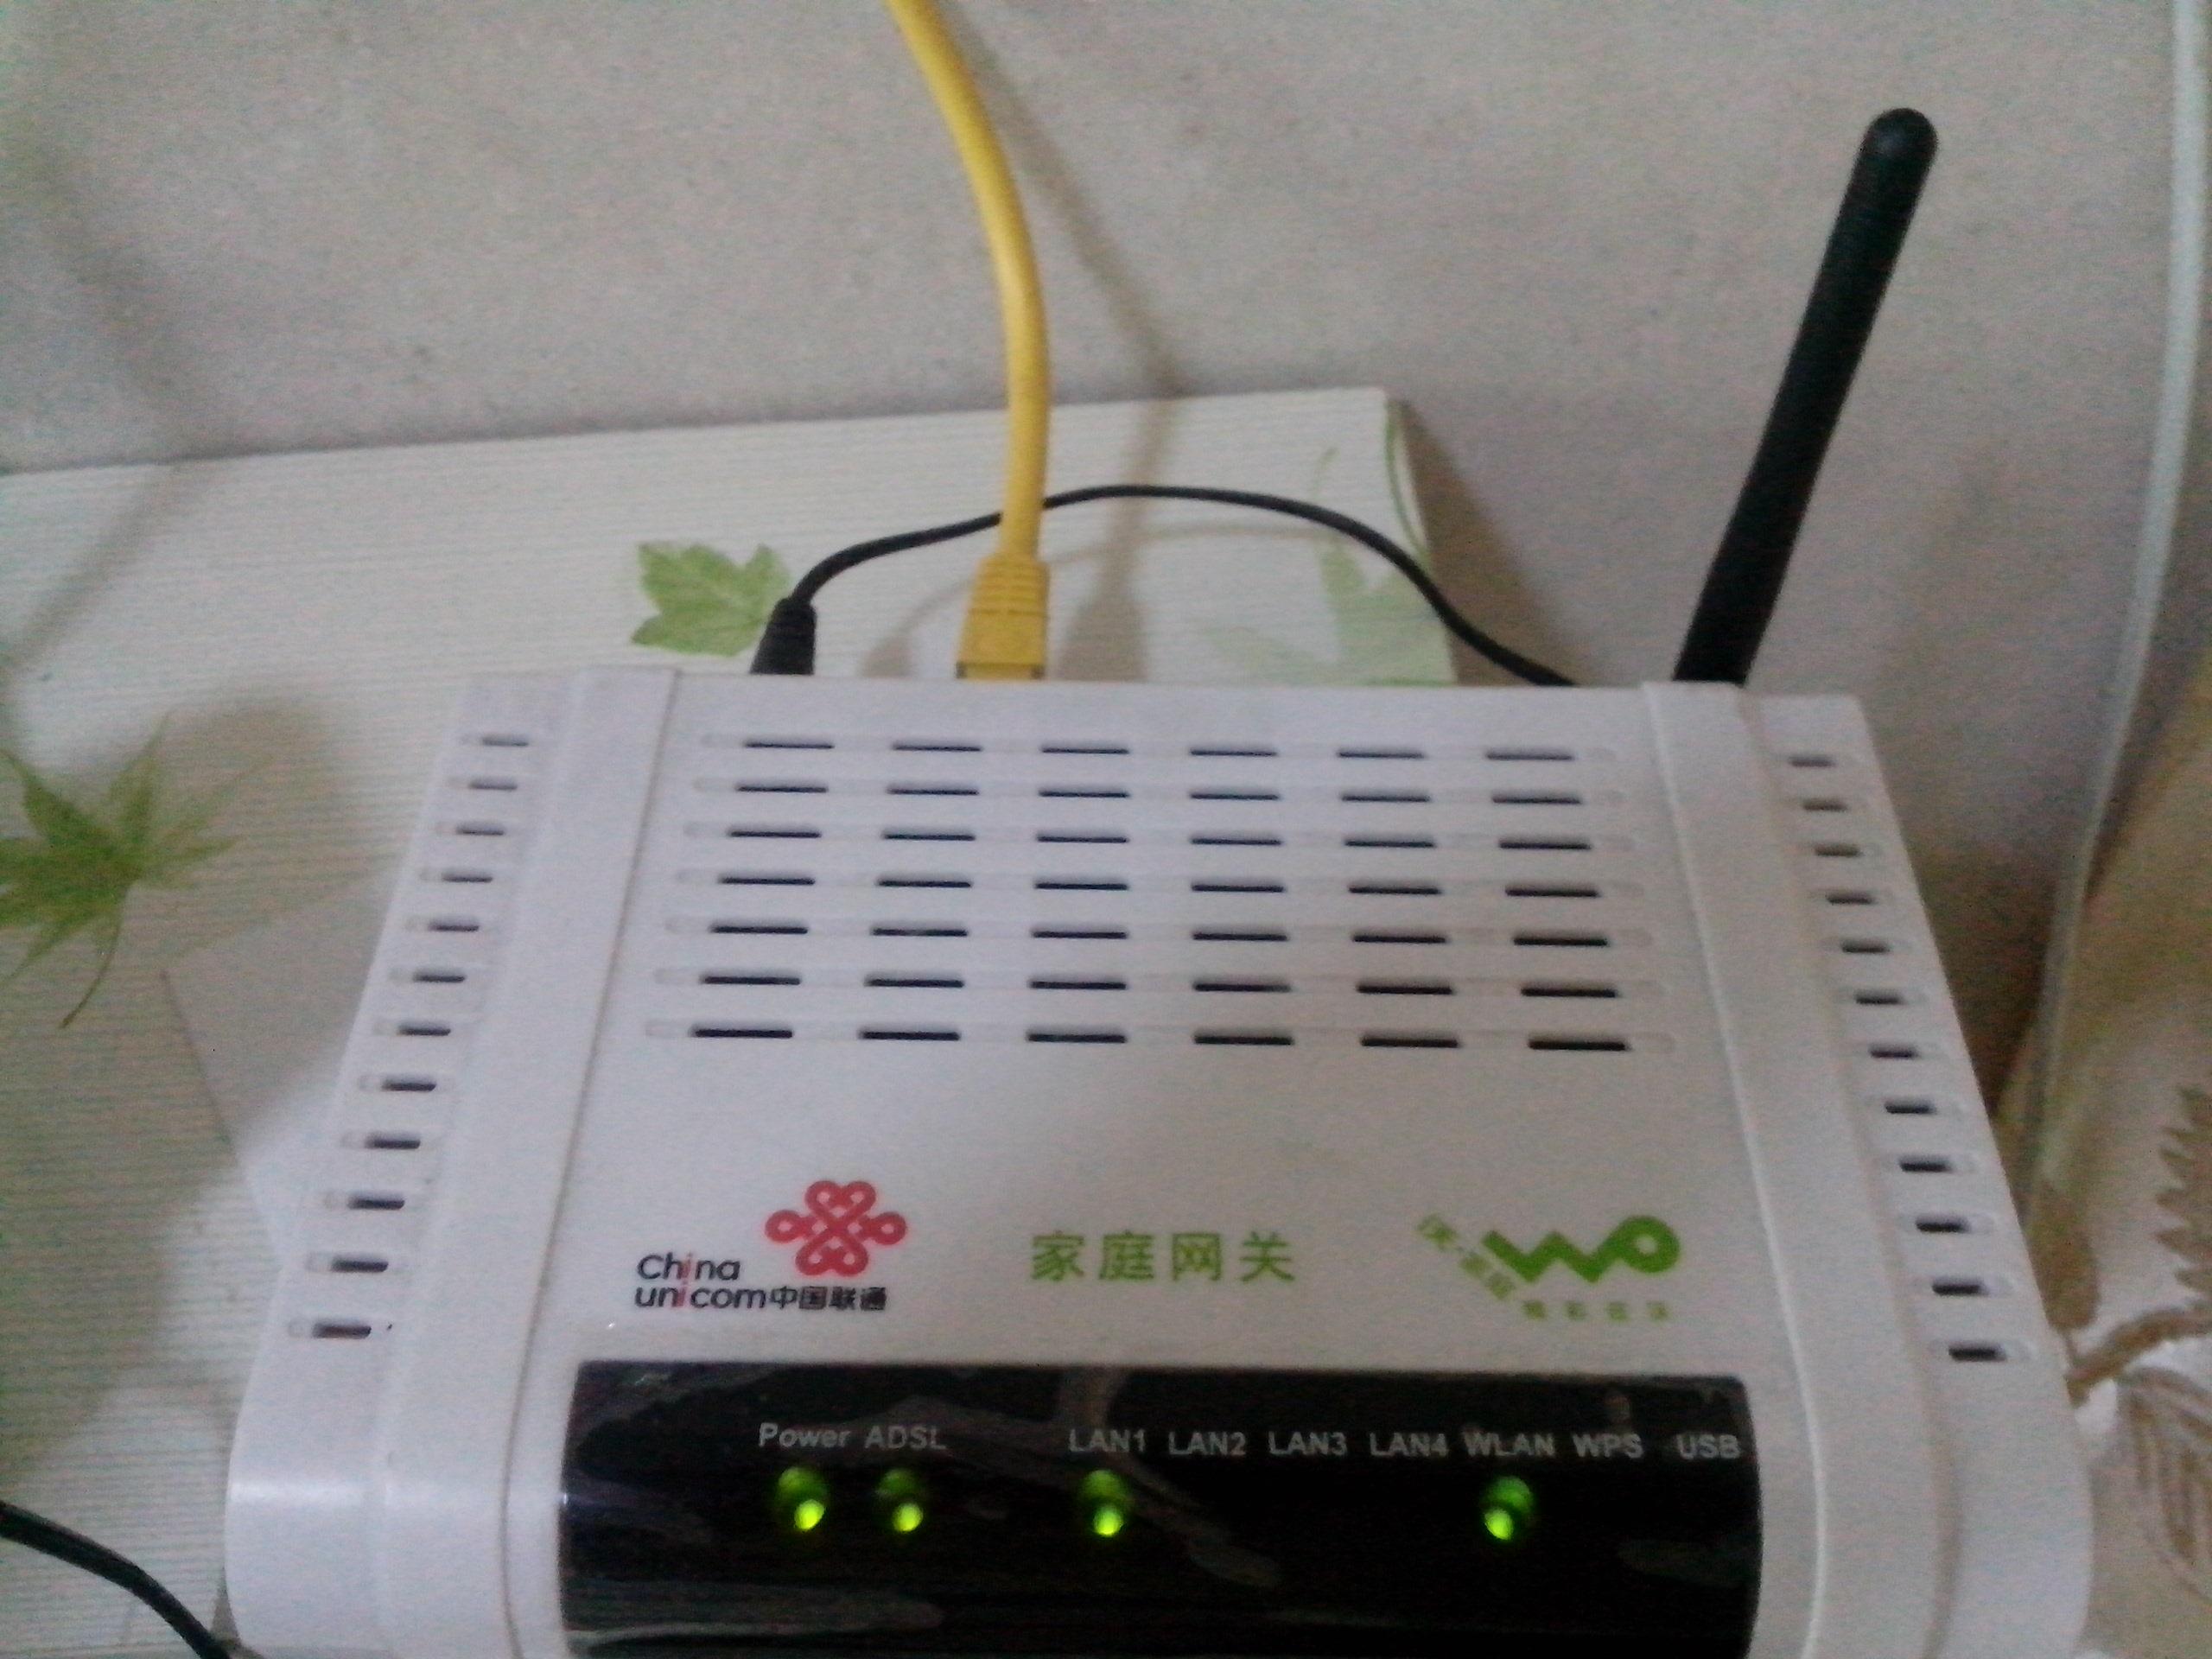 家用wifi怎么改密码_家用路由器怎么设置_家用路由器配置_家用路由器_路由器怎么连接